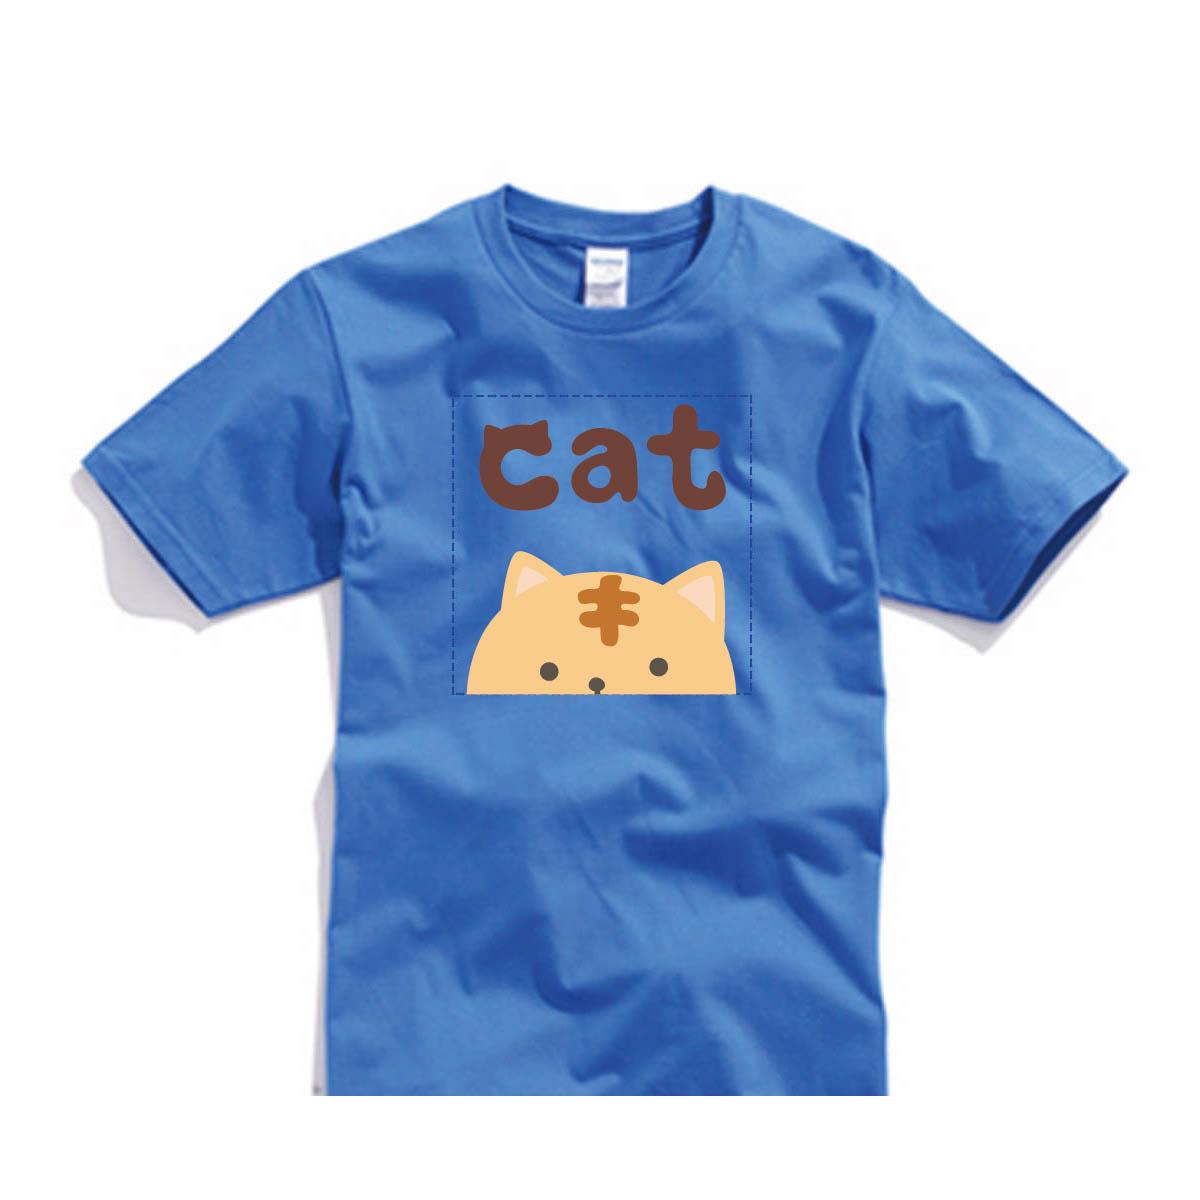 ✨ 喵星2系列✨自己的T恤自己做-色T!100%純棉台製棉T素材!一件也可以做!多件另有優惠!歡迎團體訂做!BSP喵星系001_CAT_A - 限時優惠好康折扣